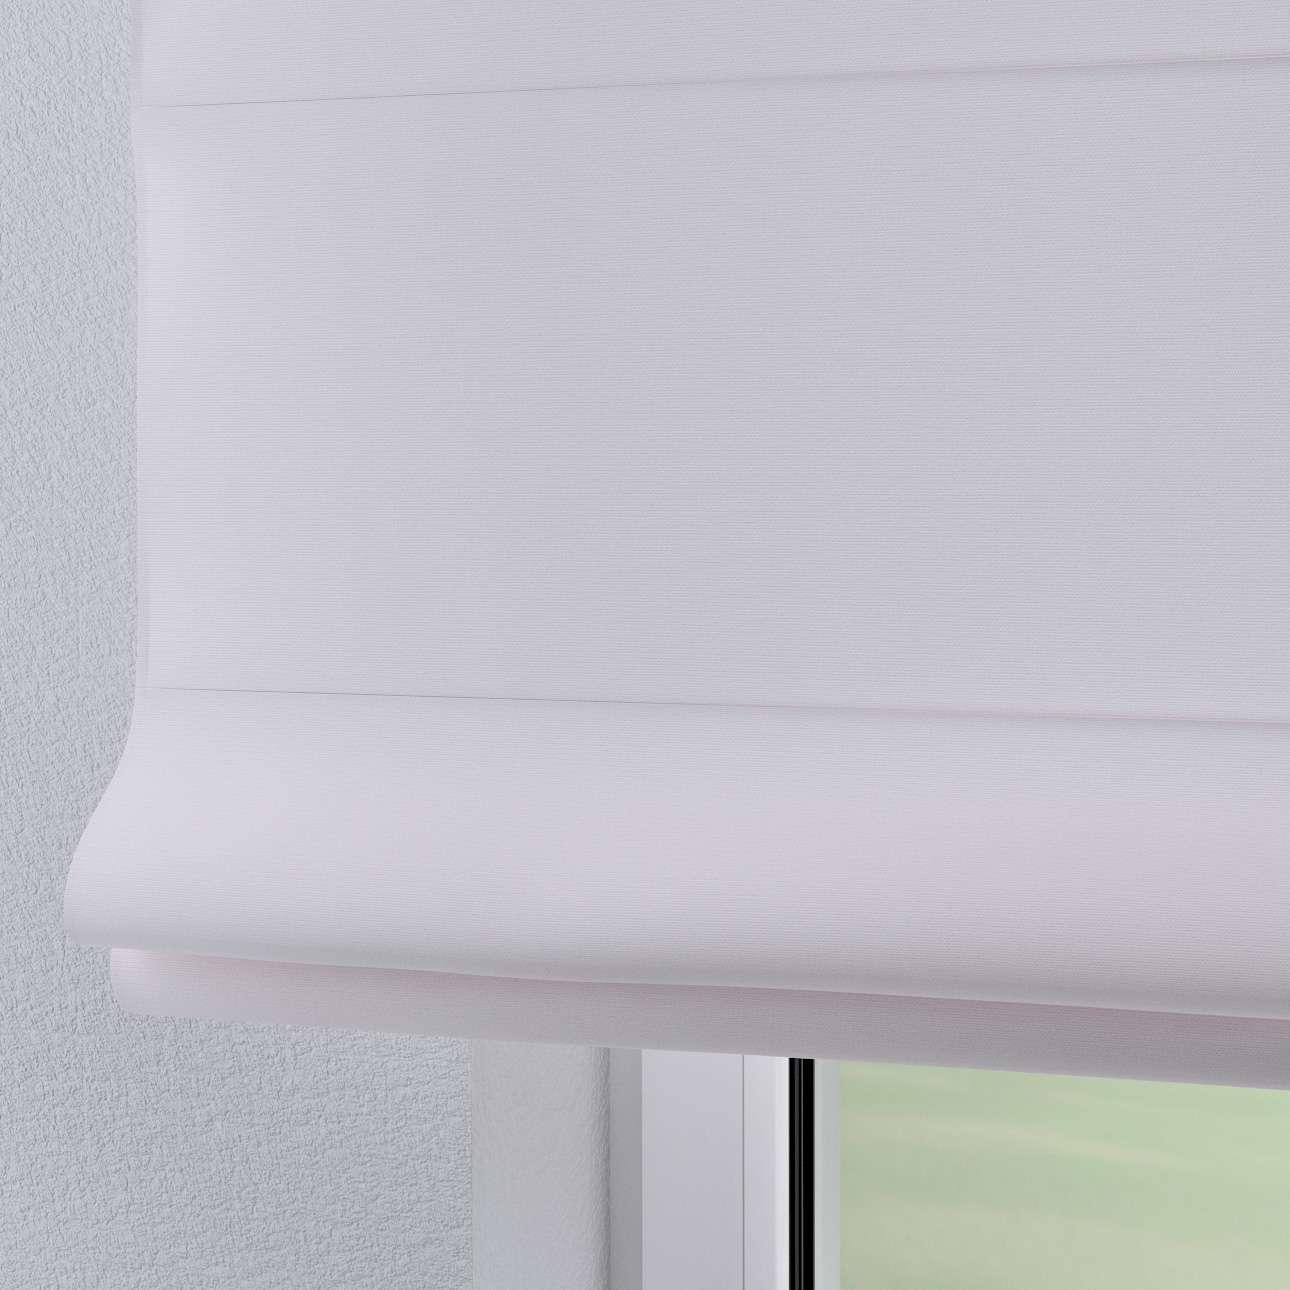 Romanetės Verona 80 x 170 cm (plotis x ilgis) kolekcijoje Cotton Panama, audinys: 702-34